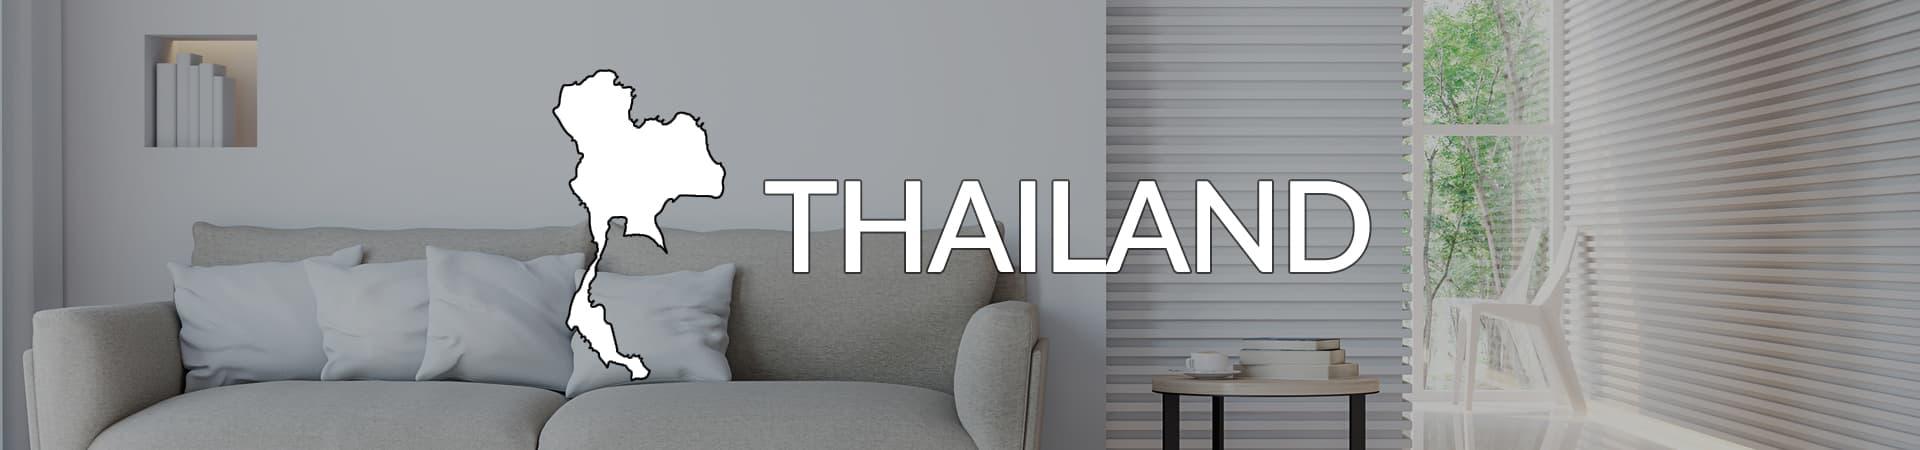 Housing in Thailand banner